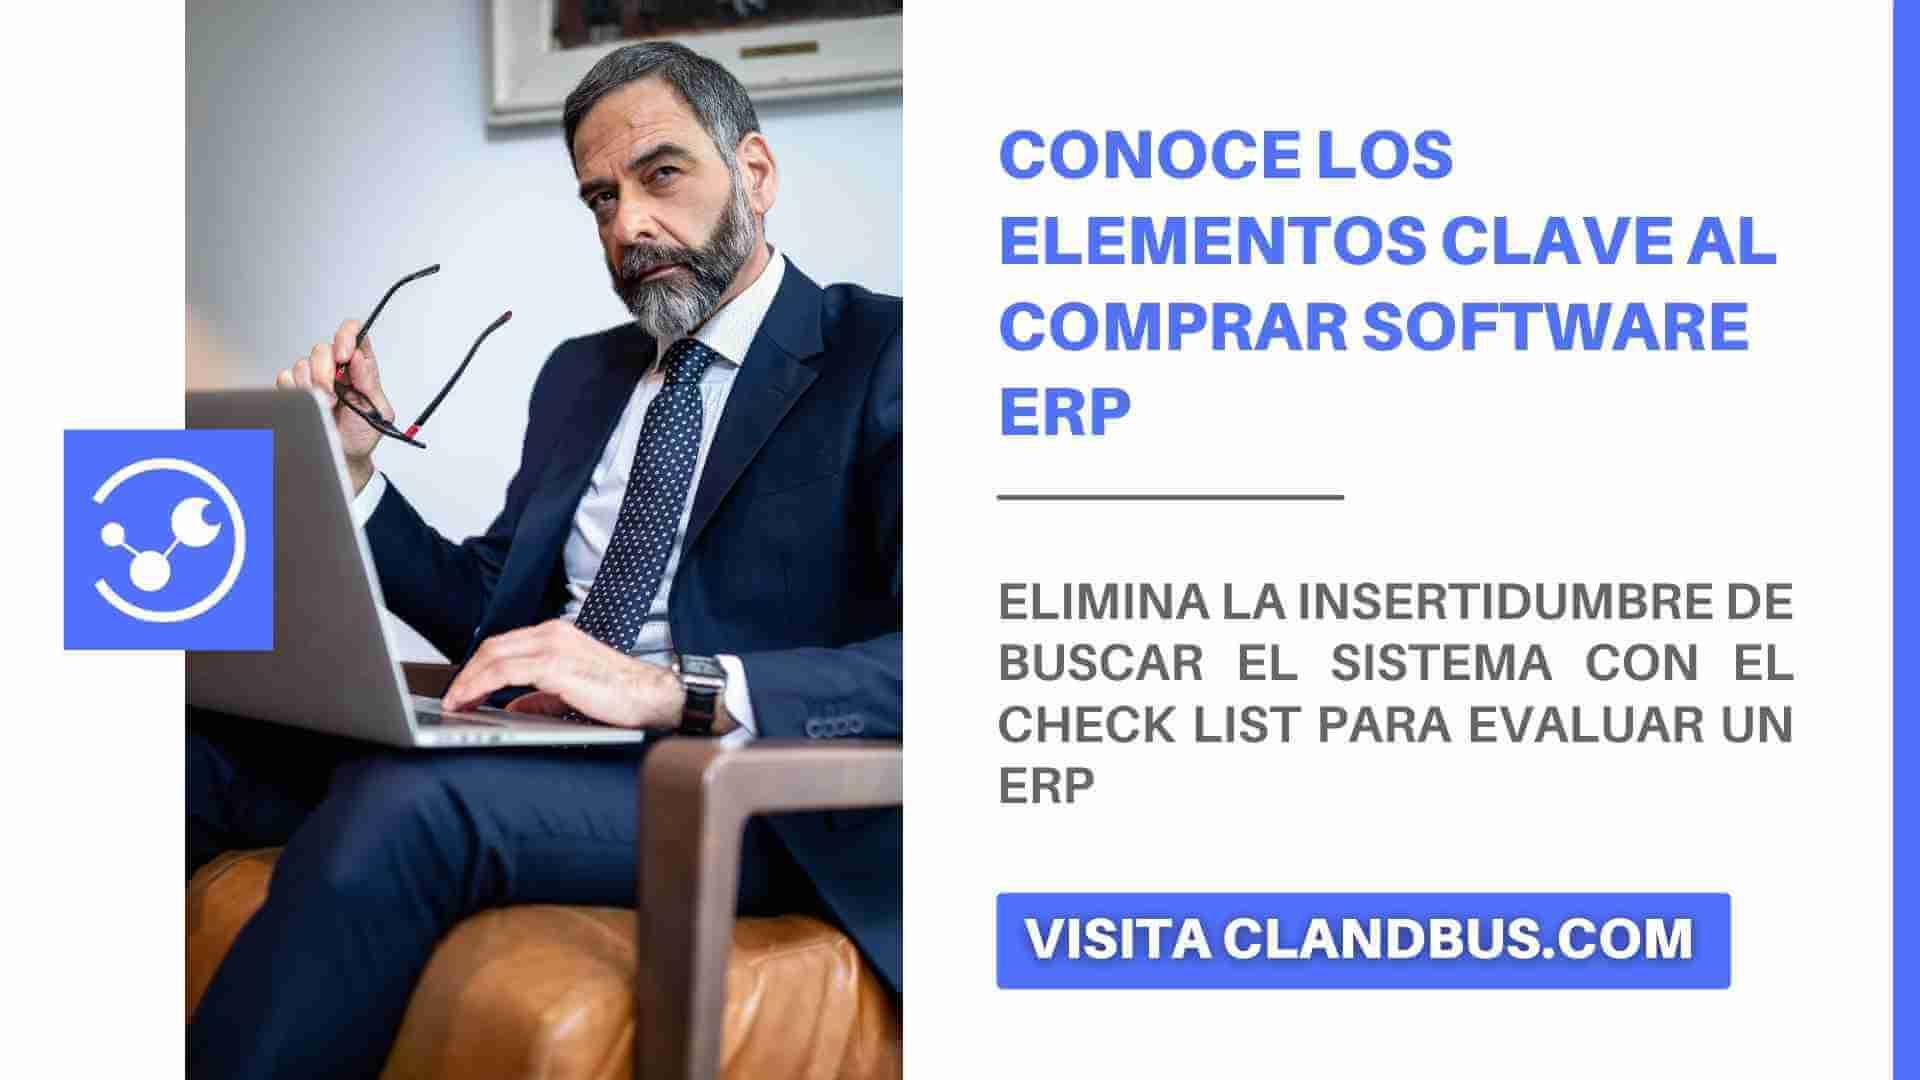 comprar software erp - Conoce Elementos Clave al Comprar software ERP y Platica con un Asesor para adquirir el método correcto para implementar dicho sistema con ClandBus